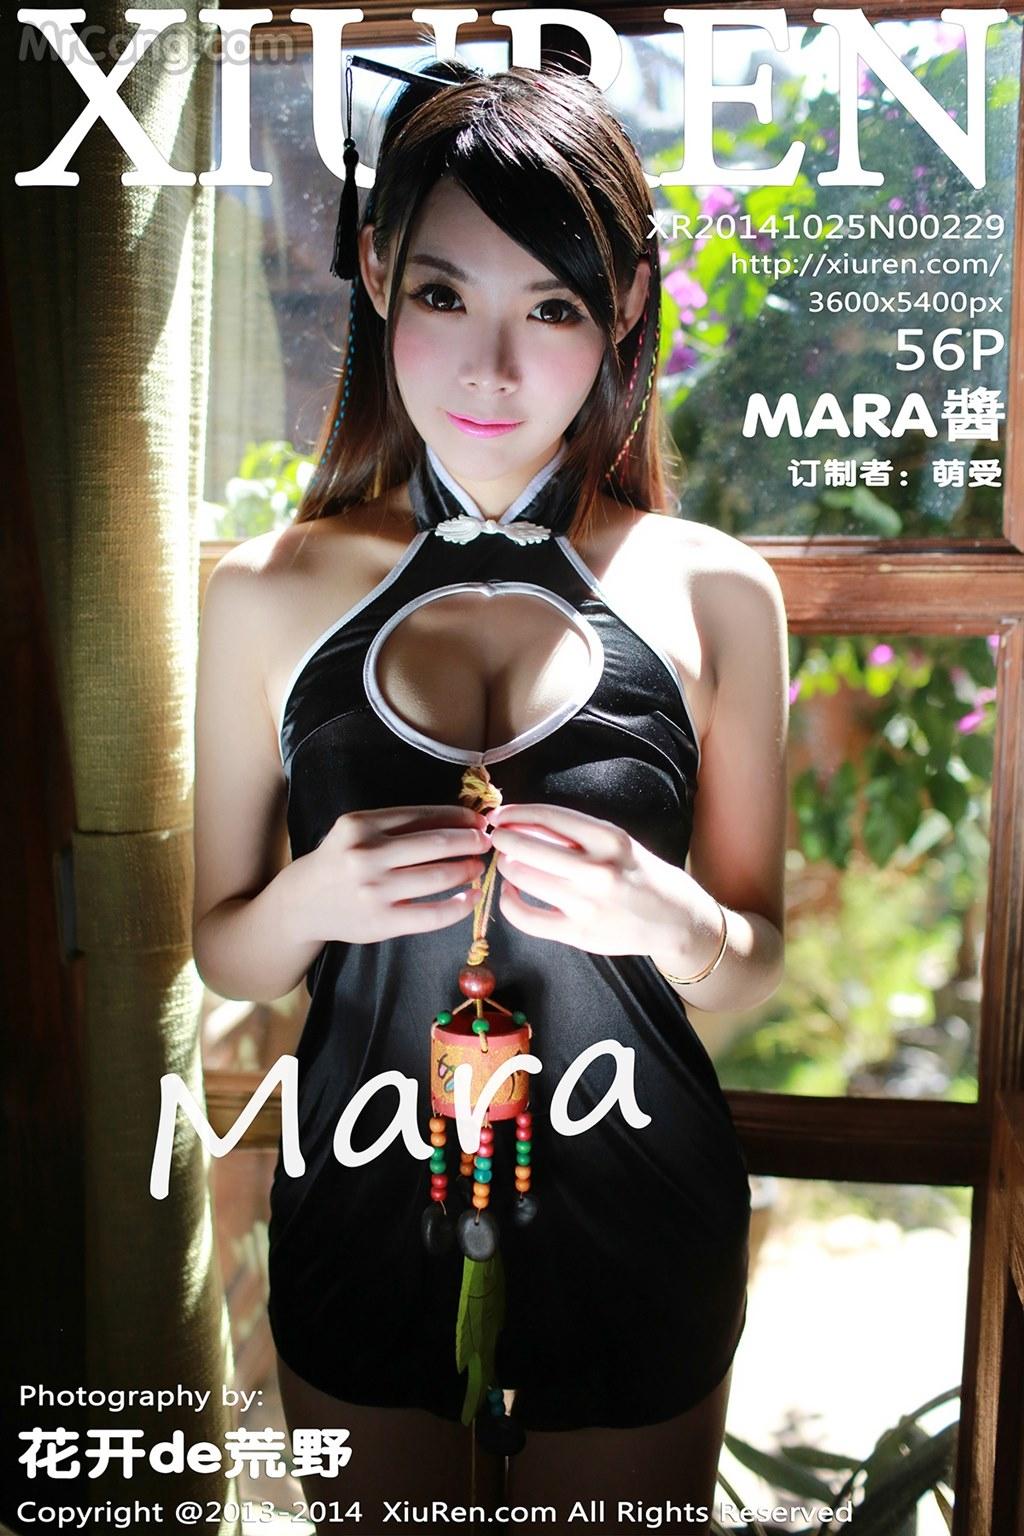 XIUREN No.229: Người mẫu Mara Jiang (Mara酱) (57 ảnh)